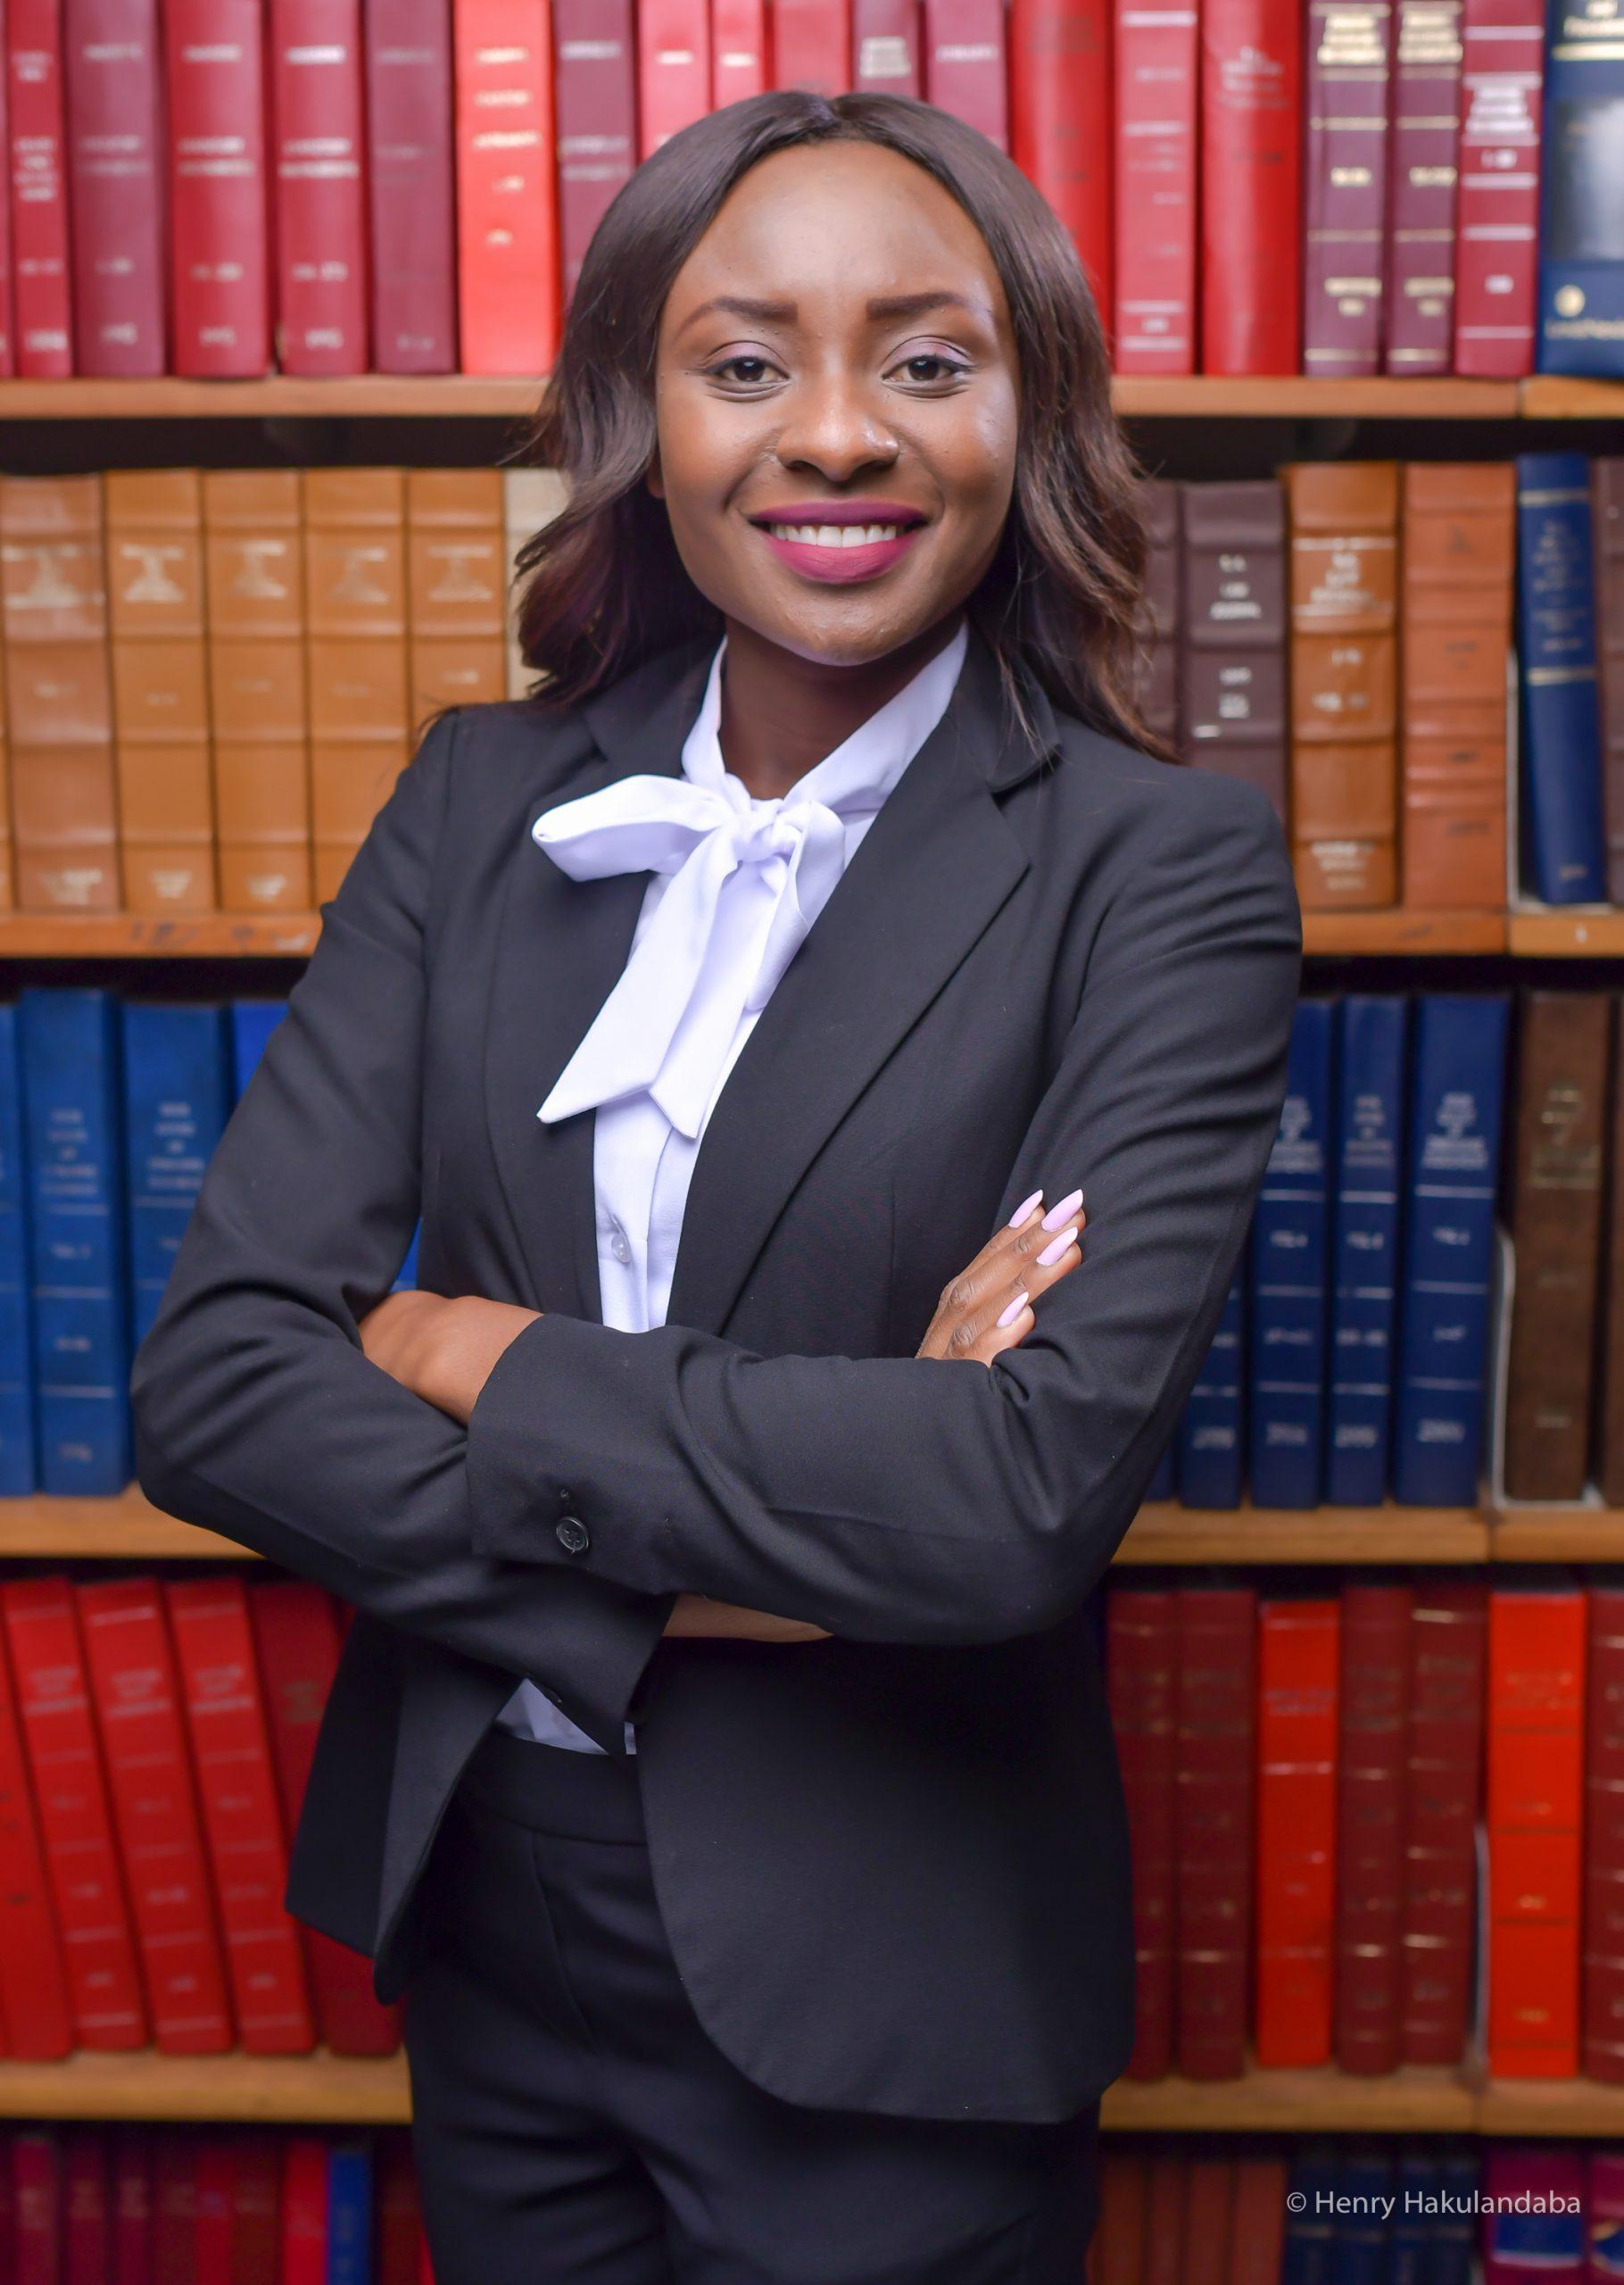 Chantele Sibanda